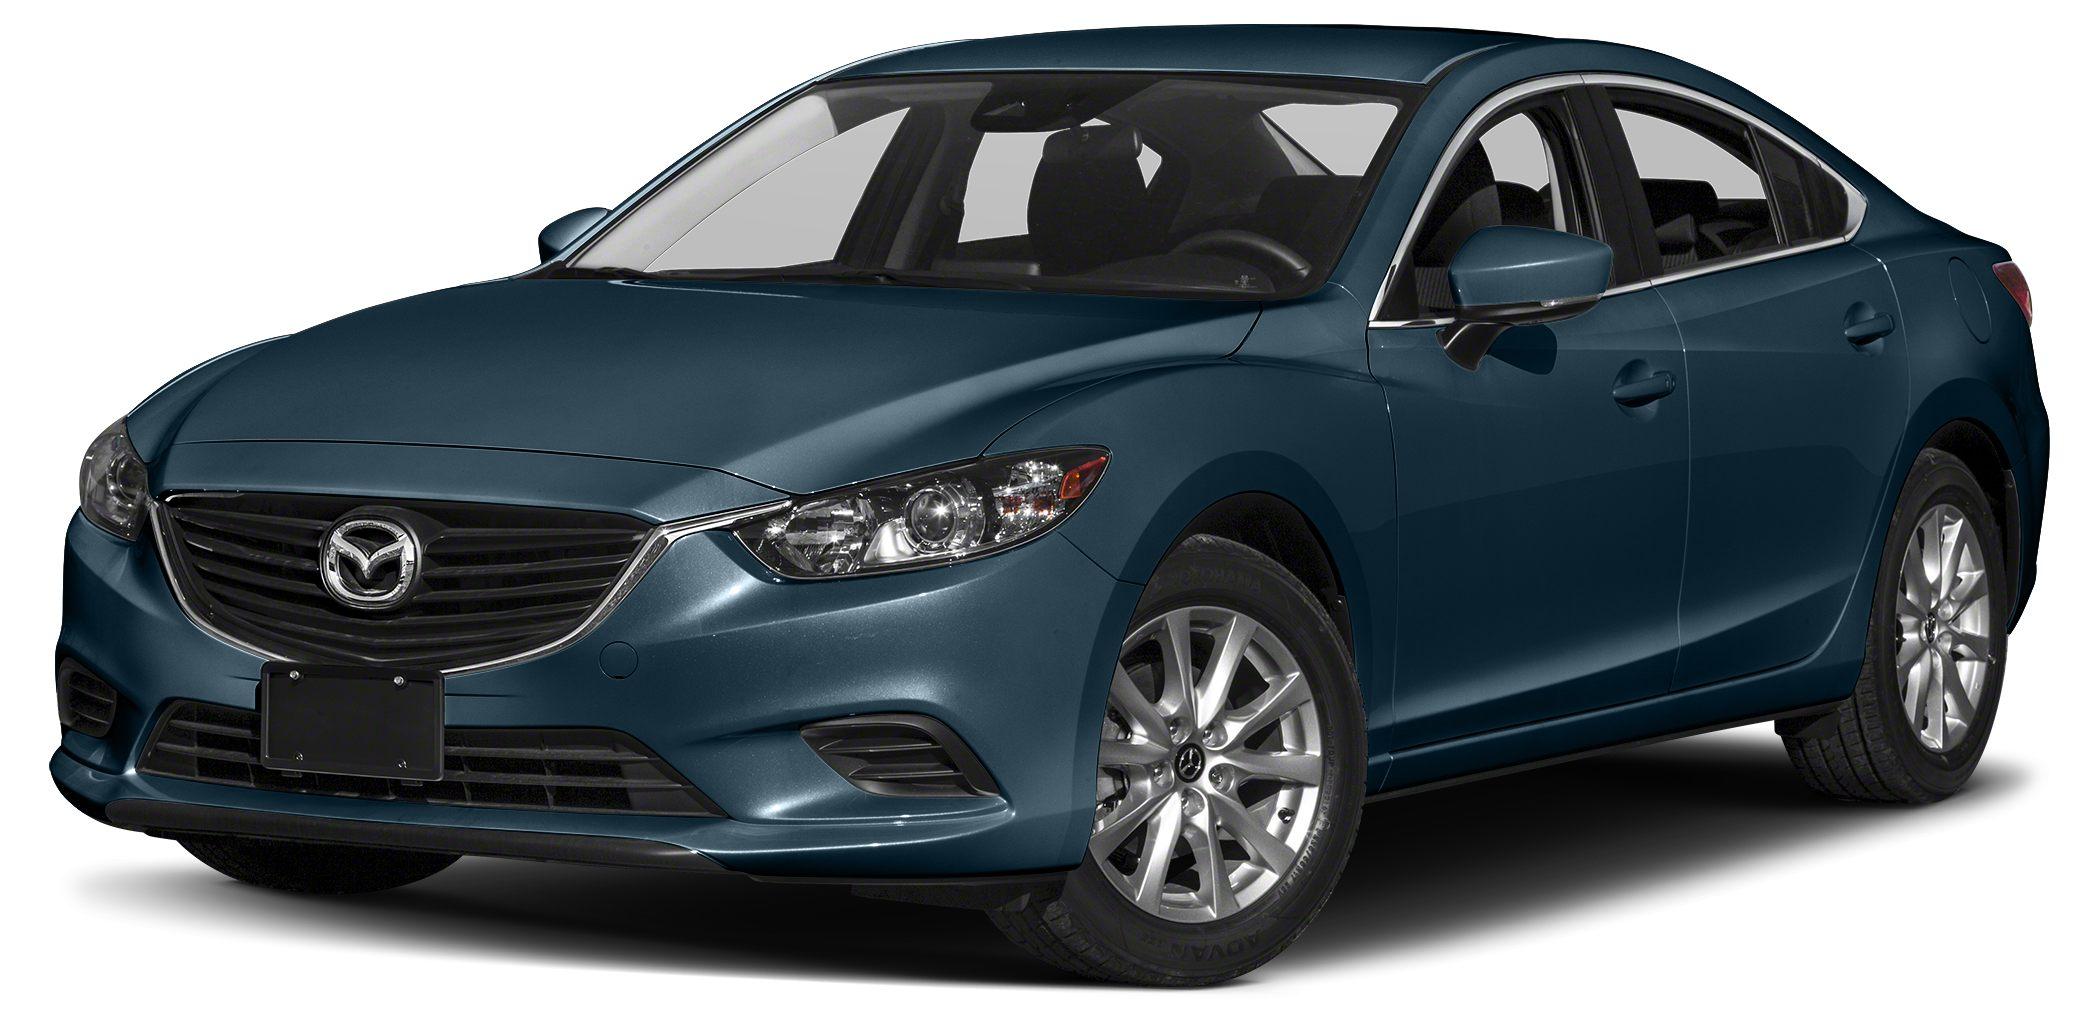 2017 Mazda MAZDA6 i Sport Miles 1Color Deep Crystal Blue Mica Stock RM0306 VIN JM1GL1U57H113